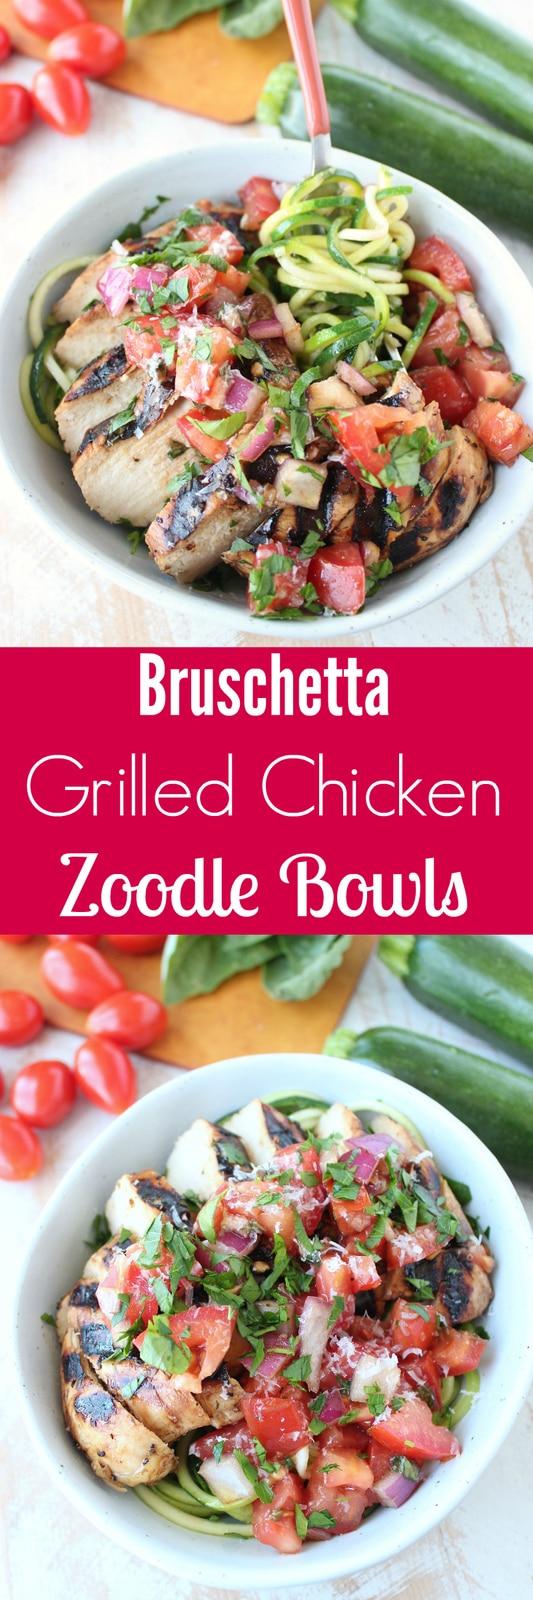 Bruschetta Grilled Chicken Zoodle Bowls